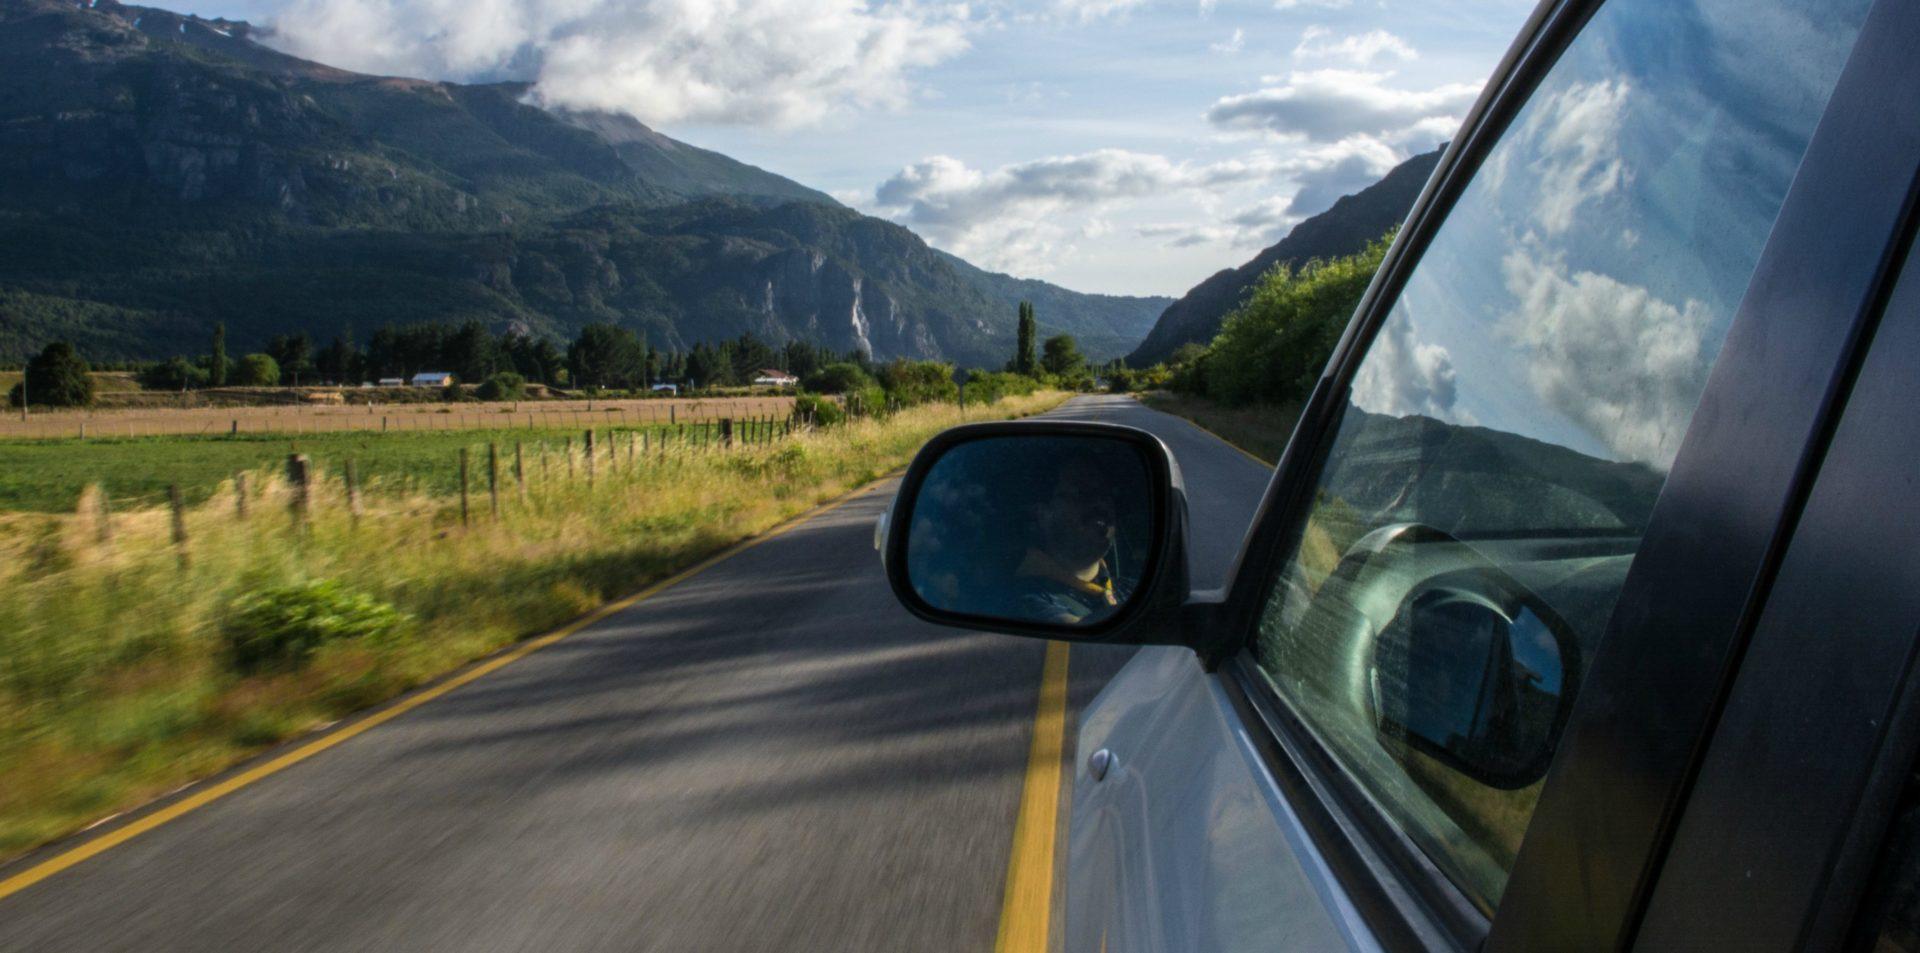 DEMOFILIA | Presentación del ideario Coche-paisaje-viaje-verano-campo-monta%C3%B1a-e1498470455244-1920x953